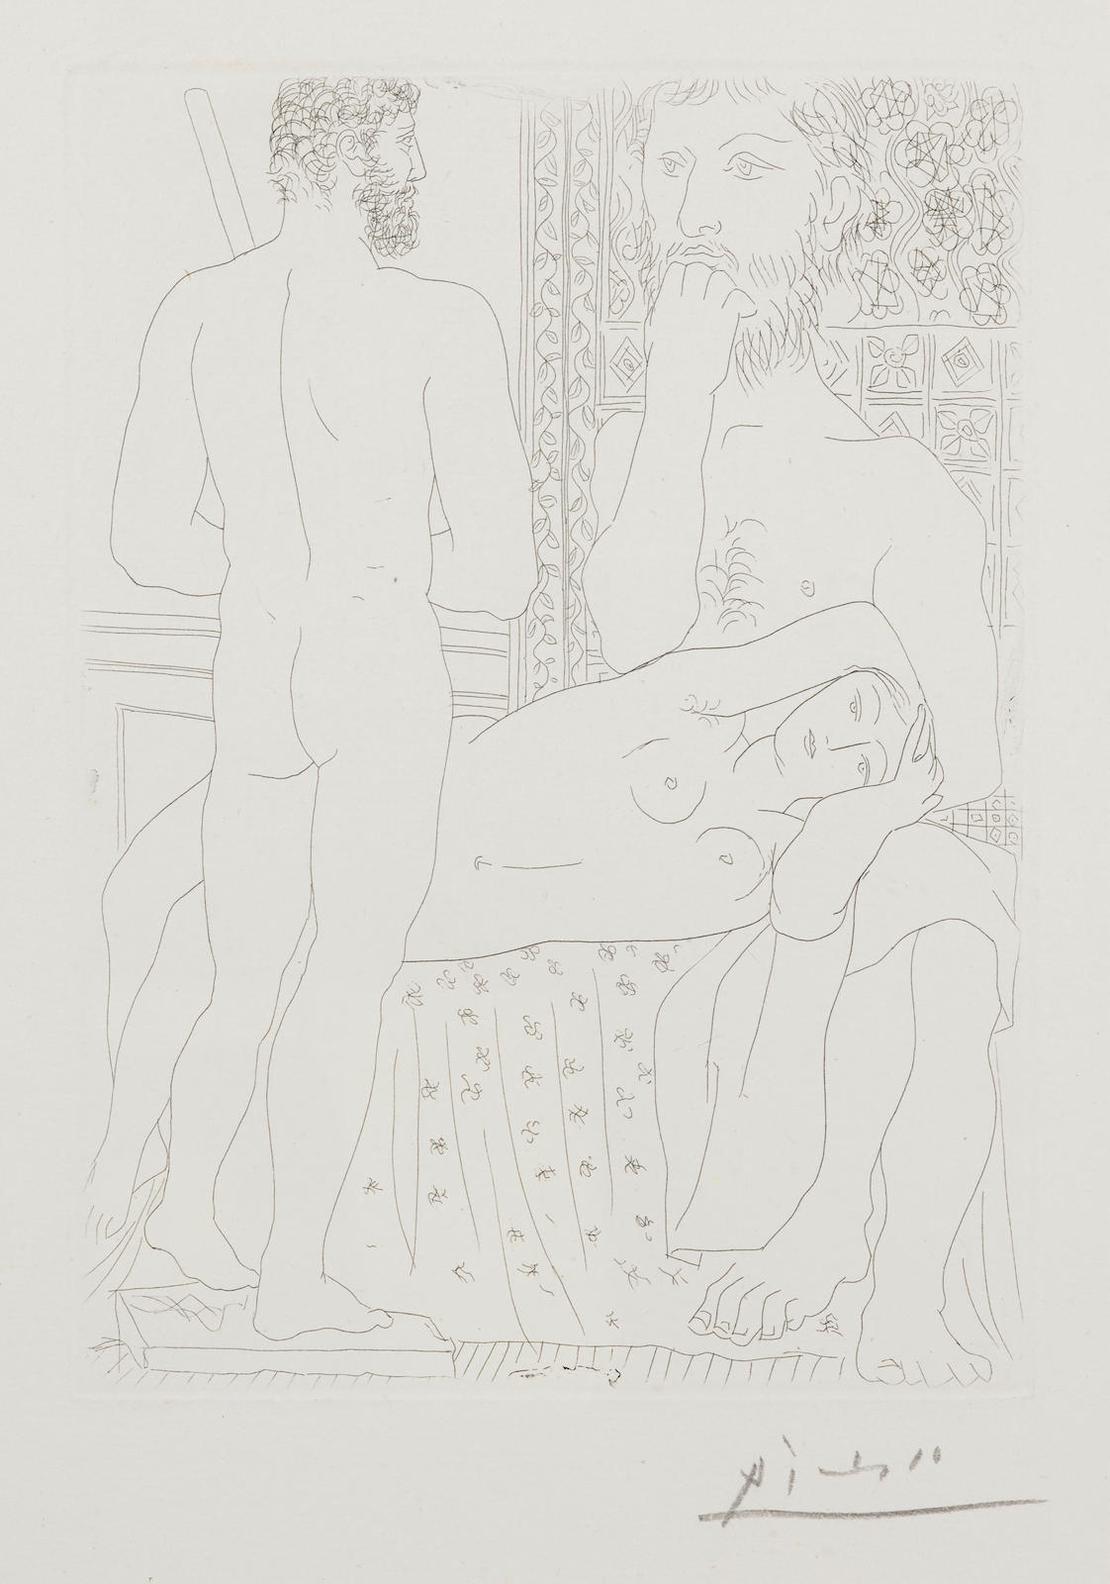 Pablo Picasso-Modele Couche Et Sculpture, Plate 37 From La Suite Vollard (B. 147; Ba. 298)-1933